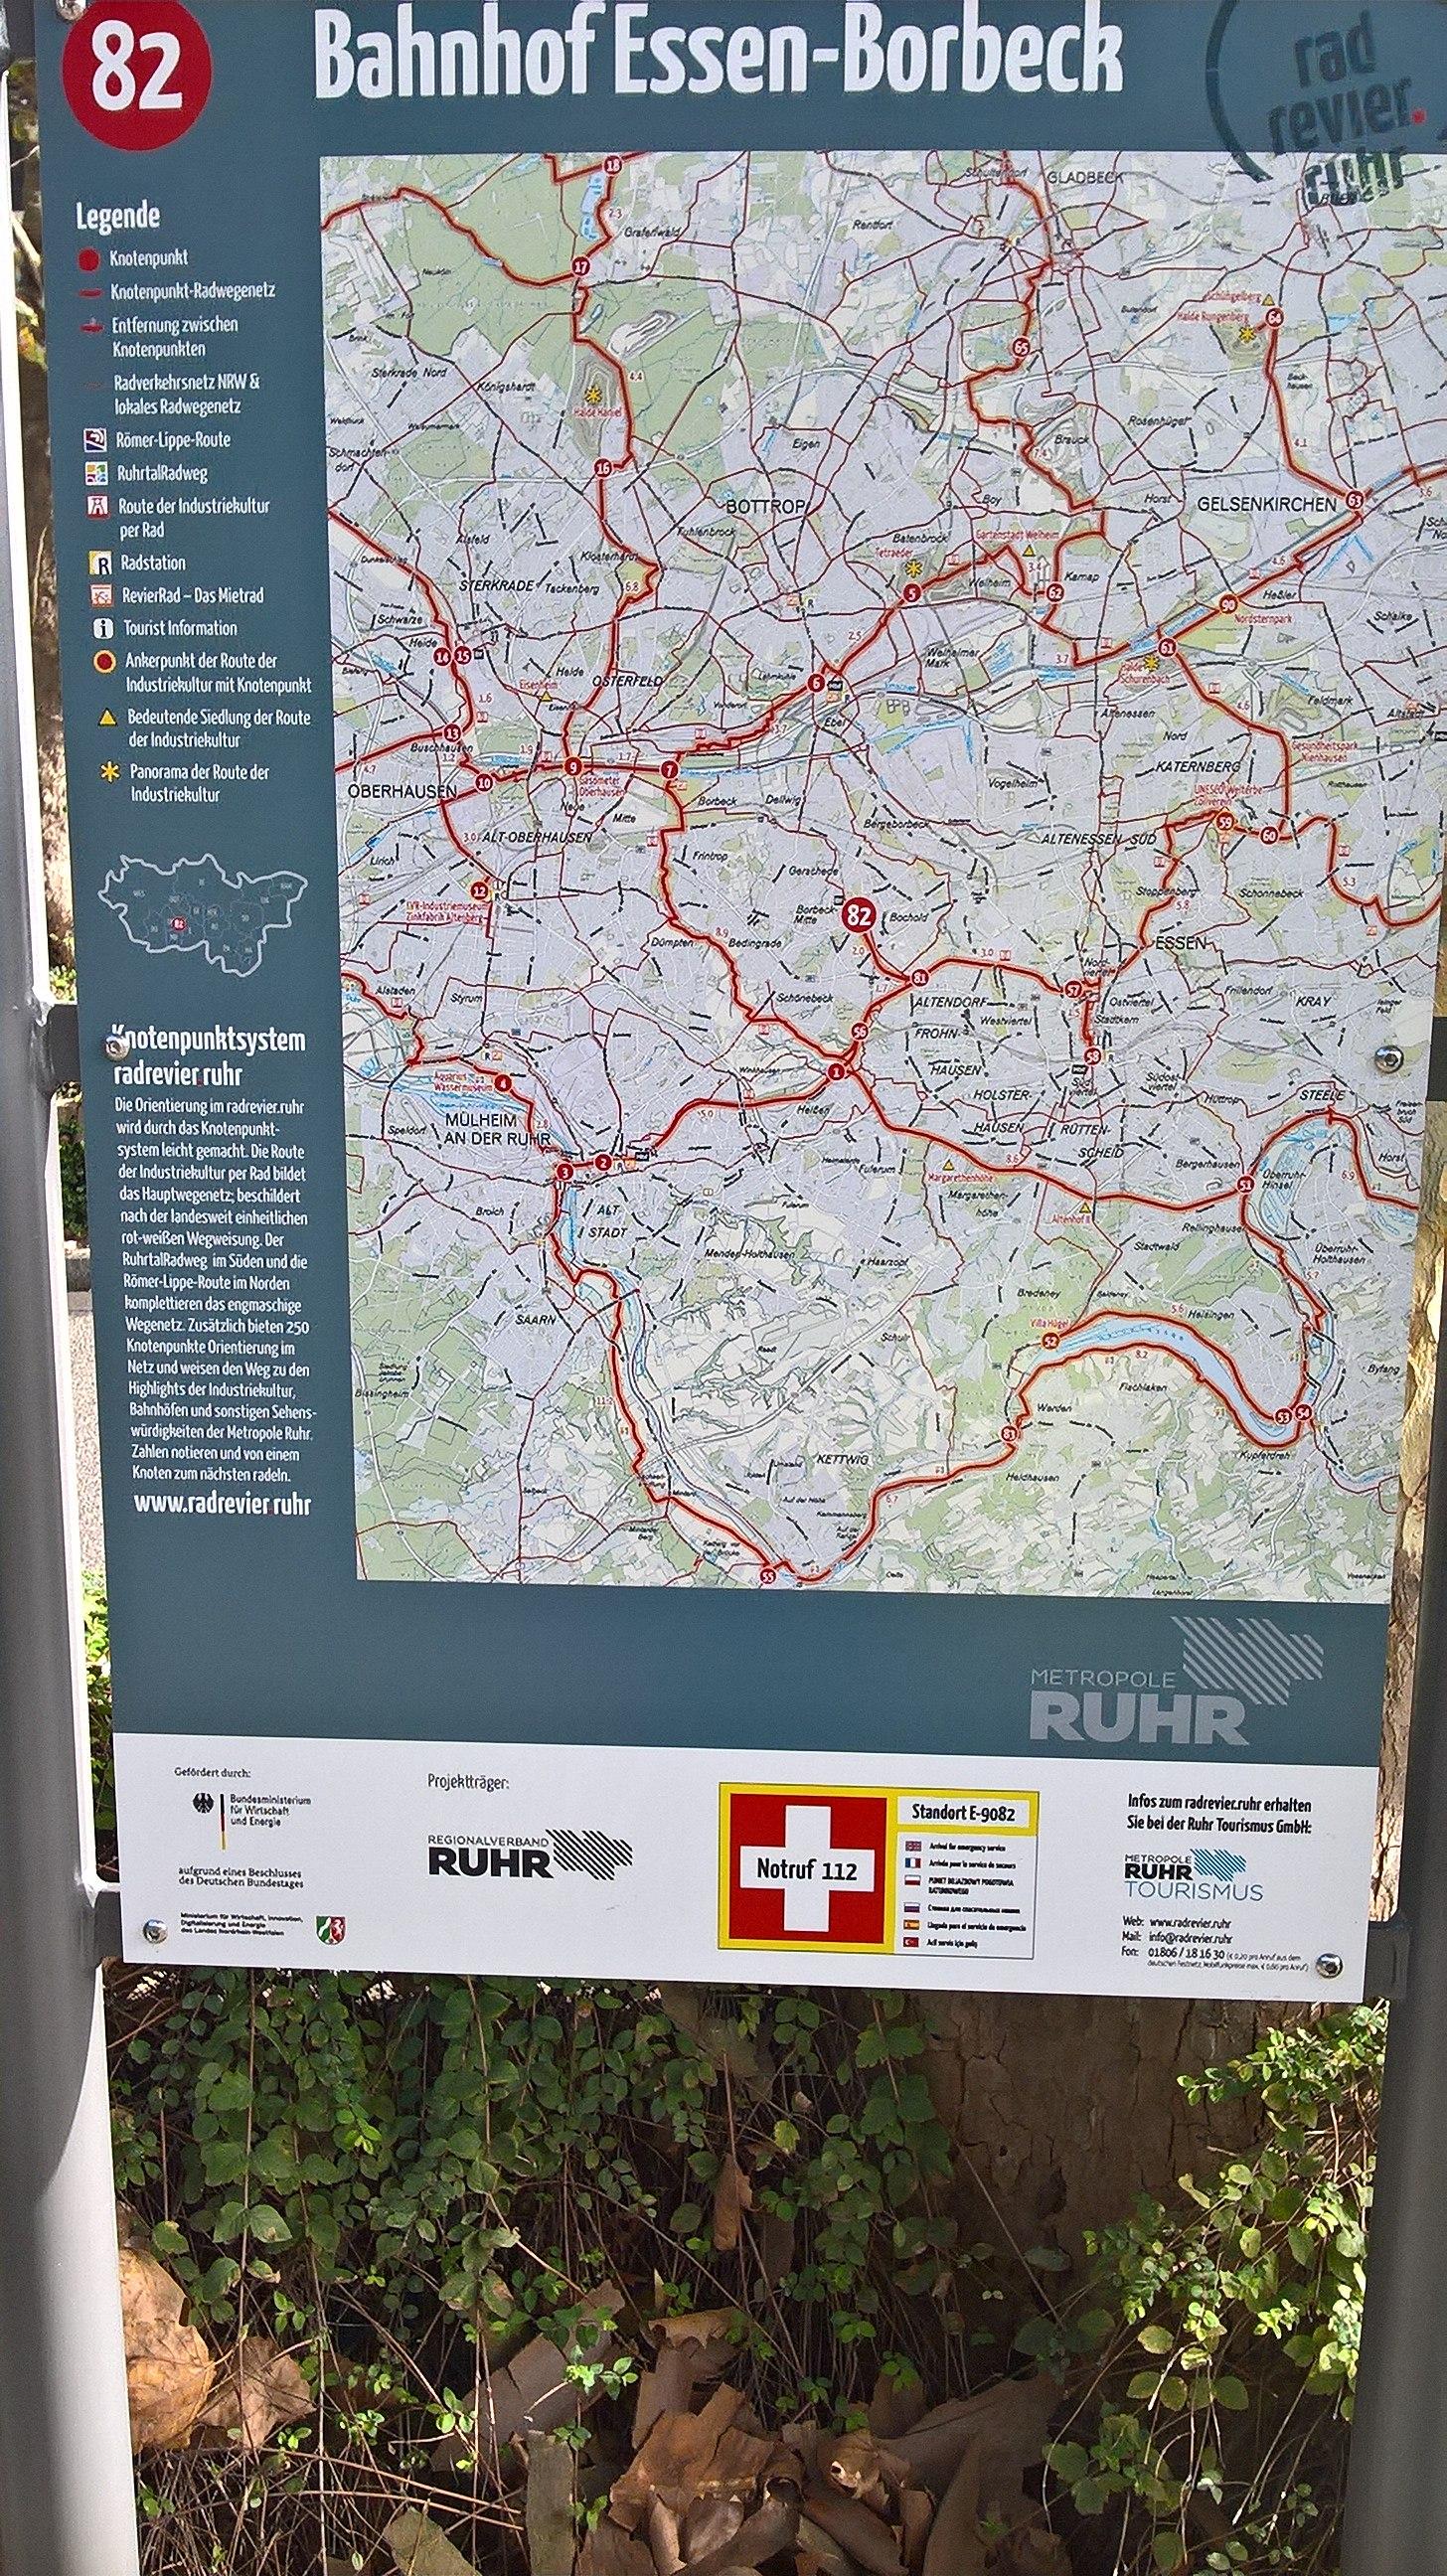 Karte Essen.File Radrevier Ruhr Knotenpunkt 82 Bahnhof Essen Borbeck Karte Jpg